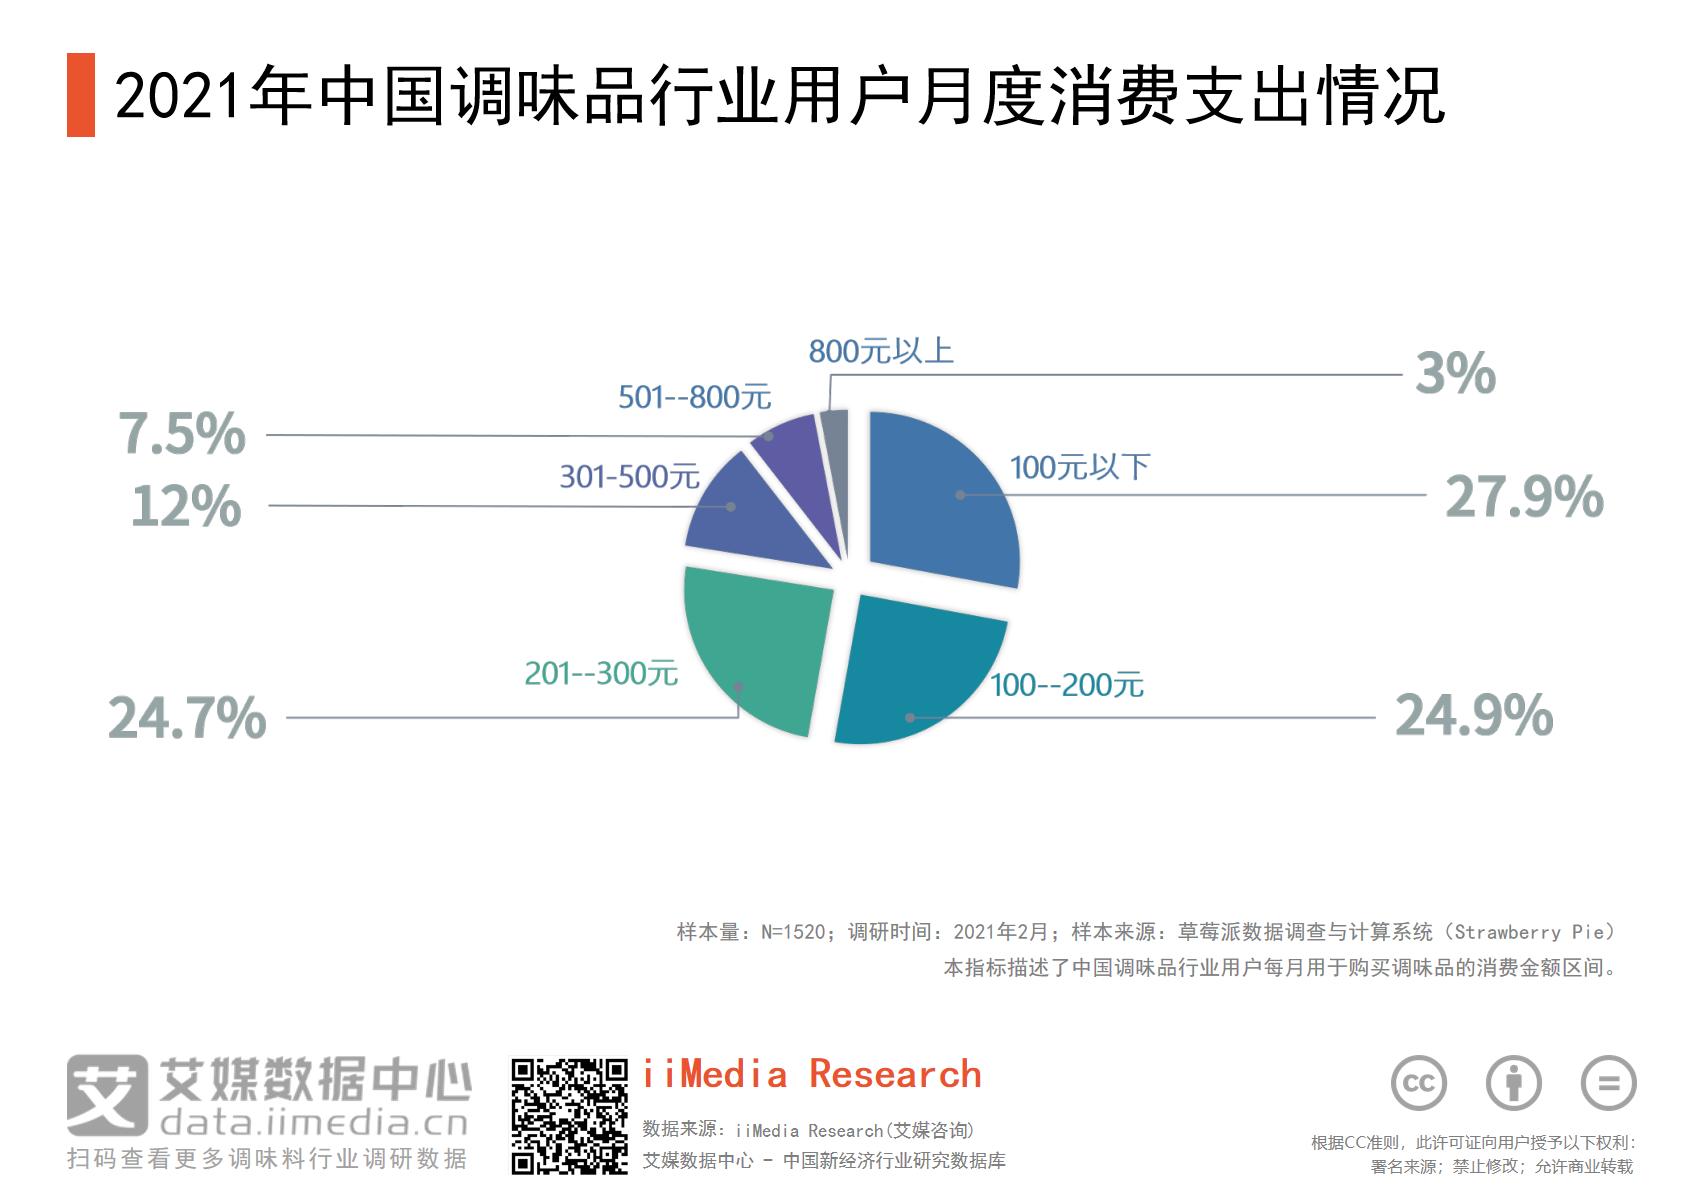 2021年中国27.9%用户的调味品月度支出在100元以下